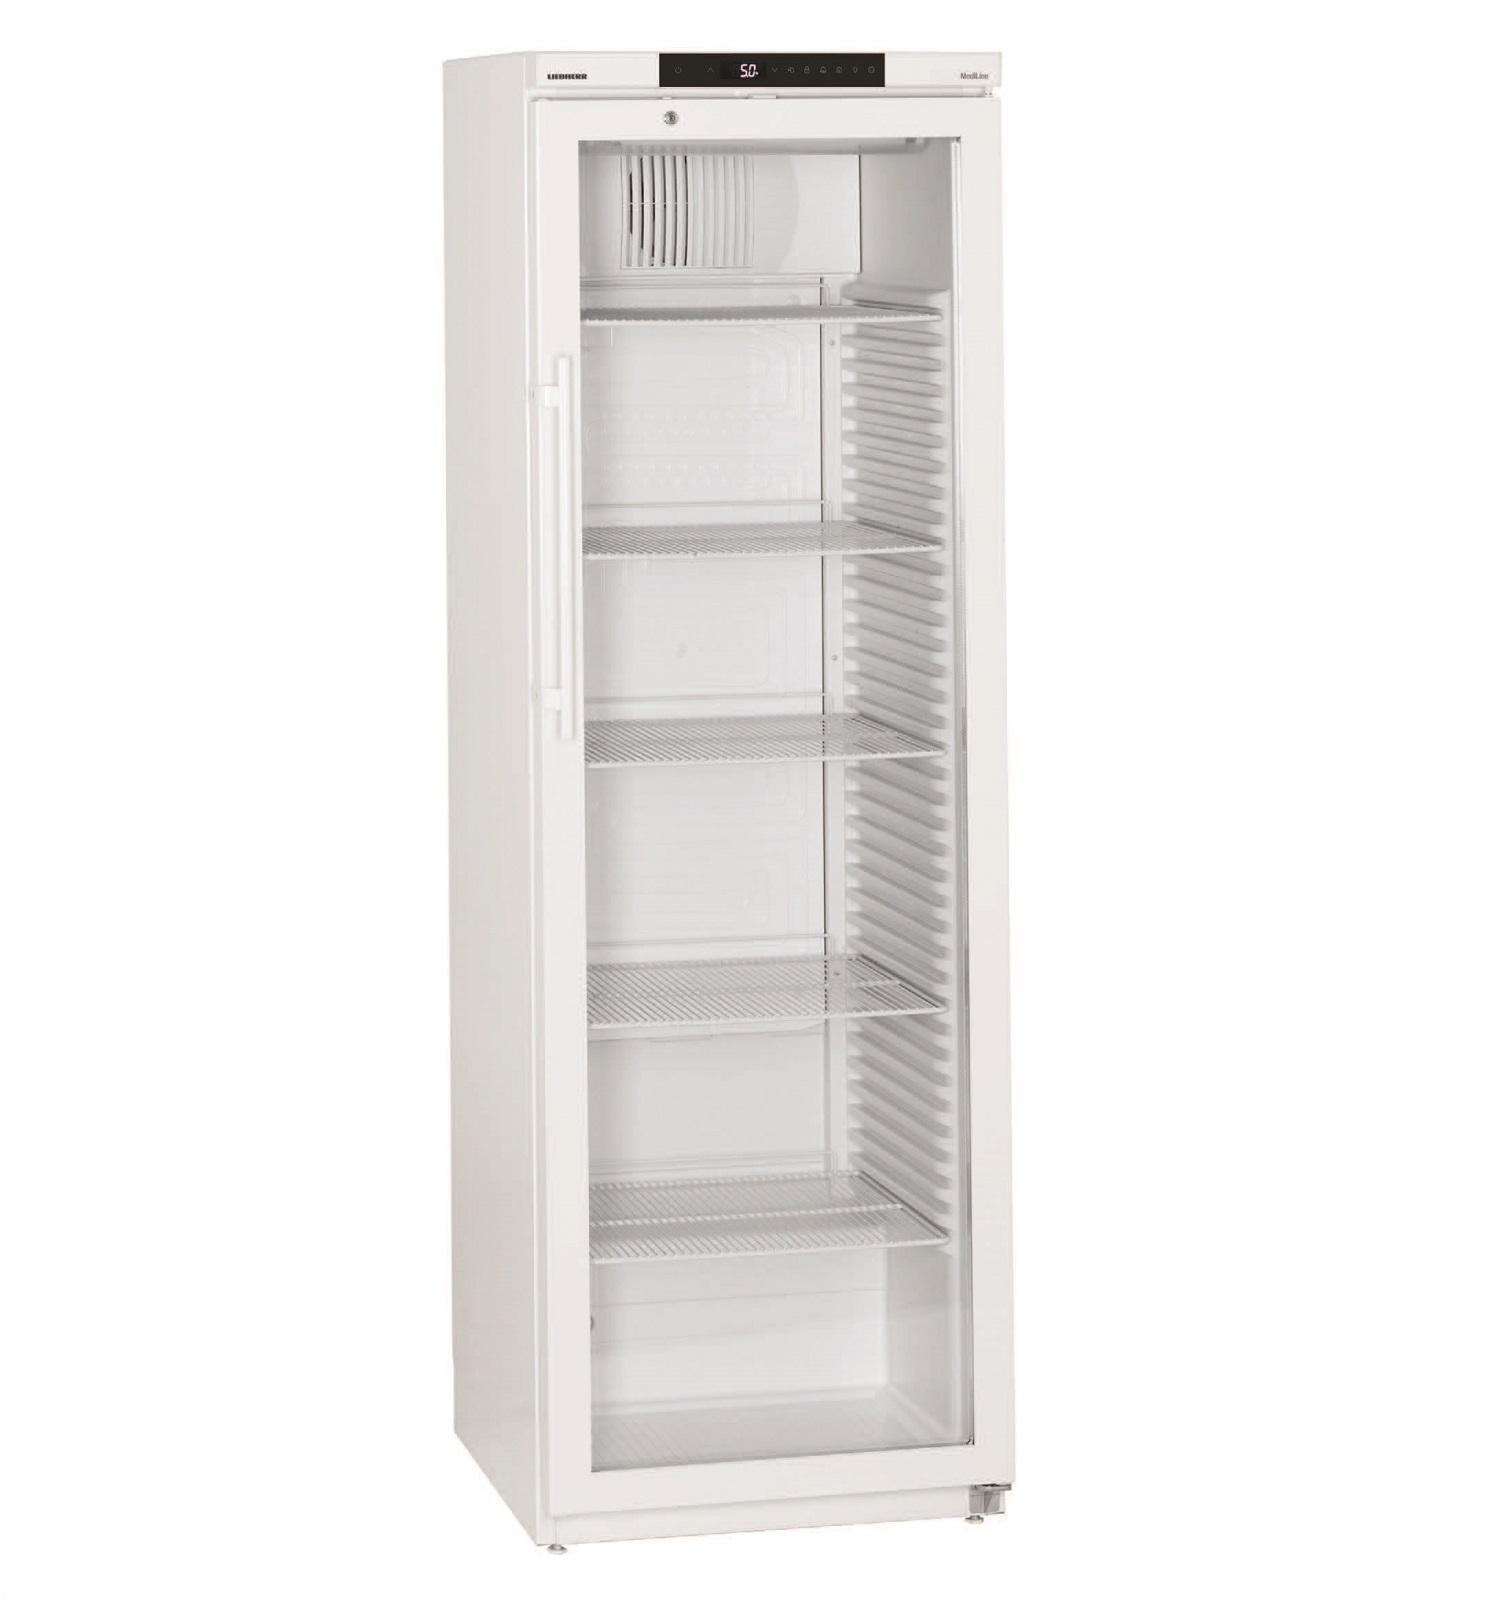 купить Лабораторный холодильный шкаф Liebherr LKv 3913 Украина фото 0